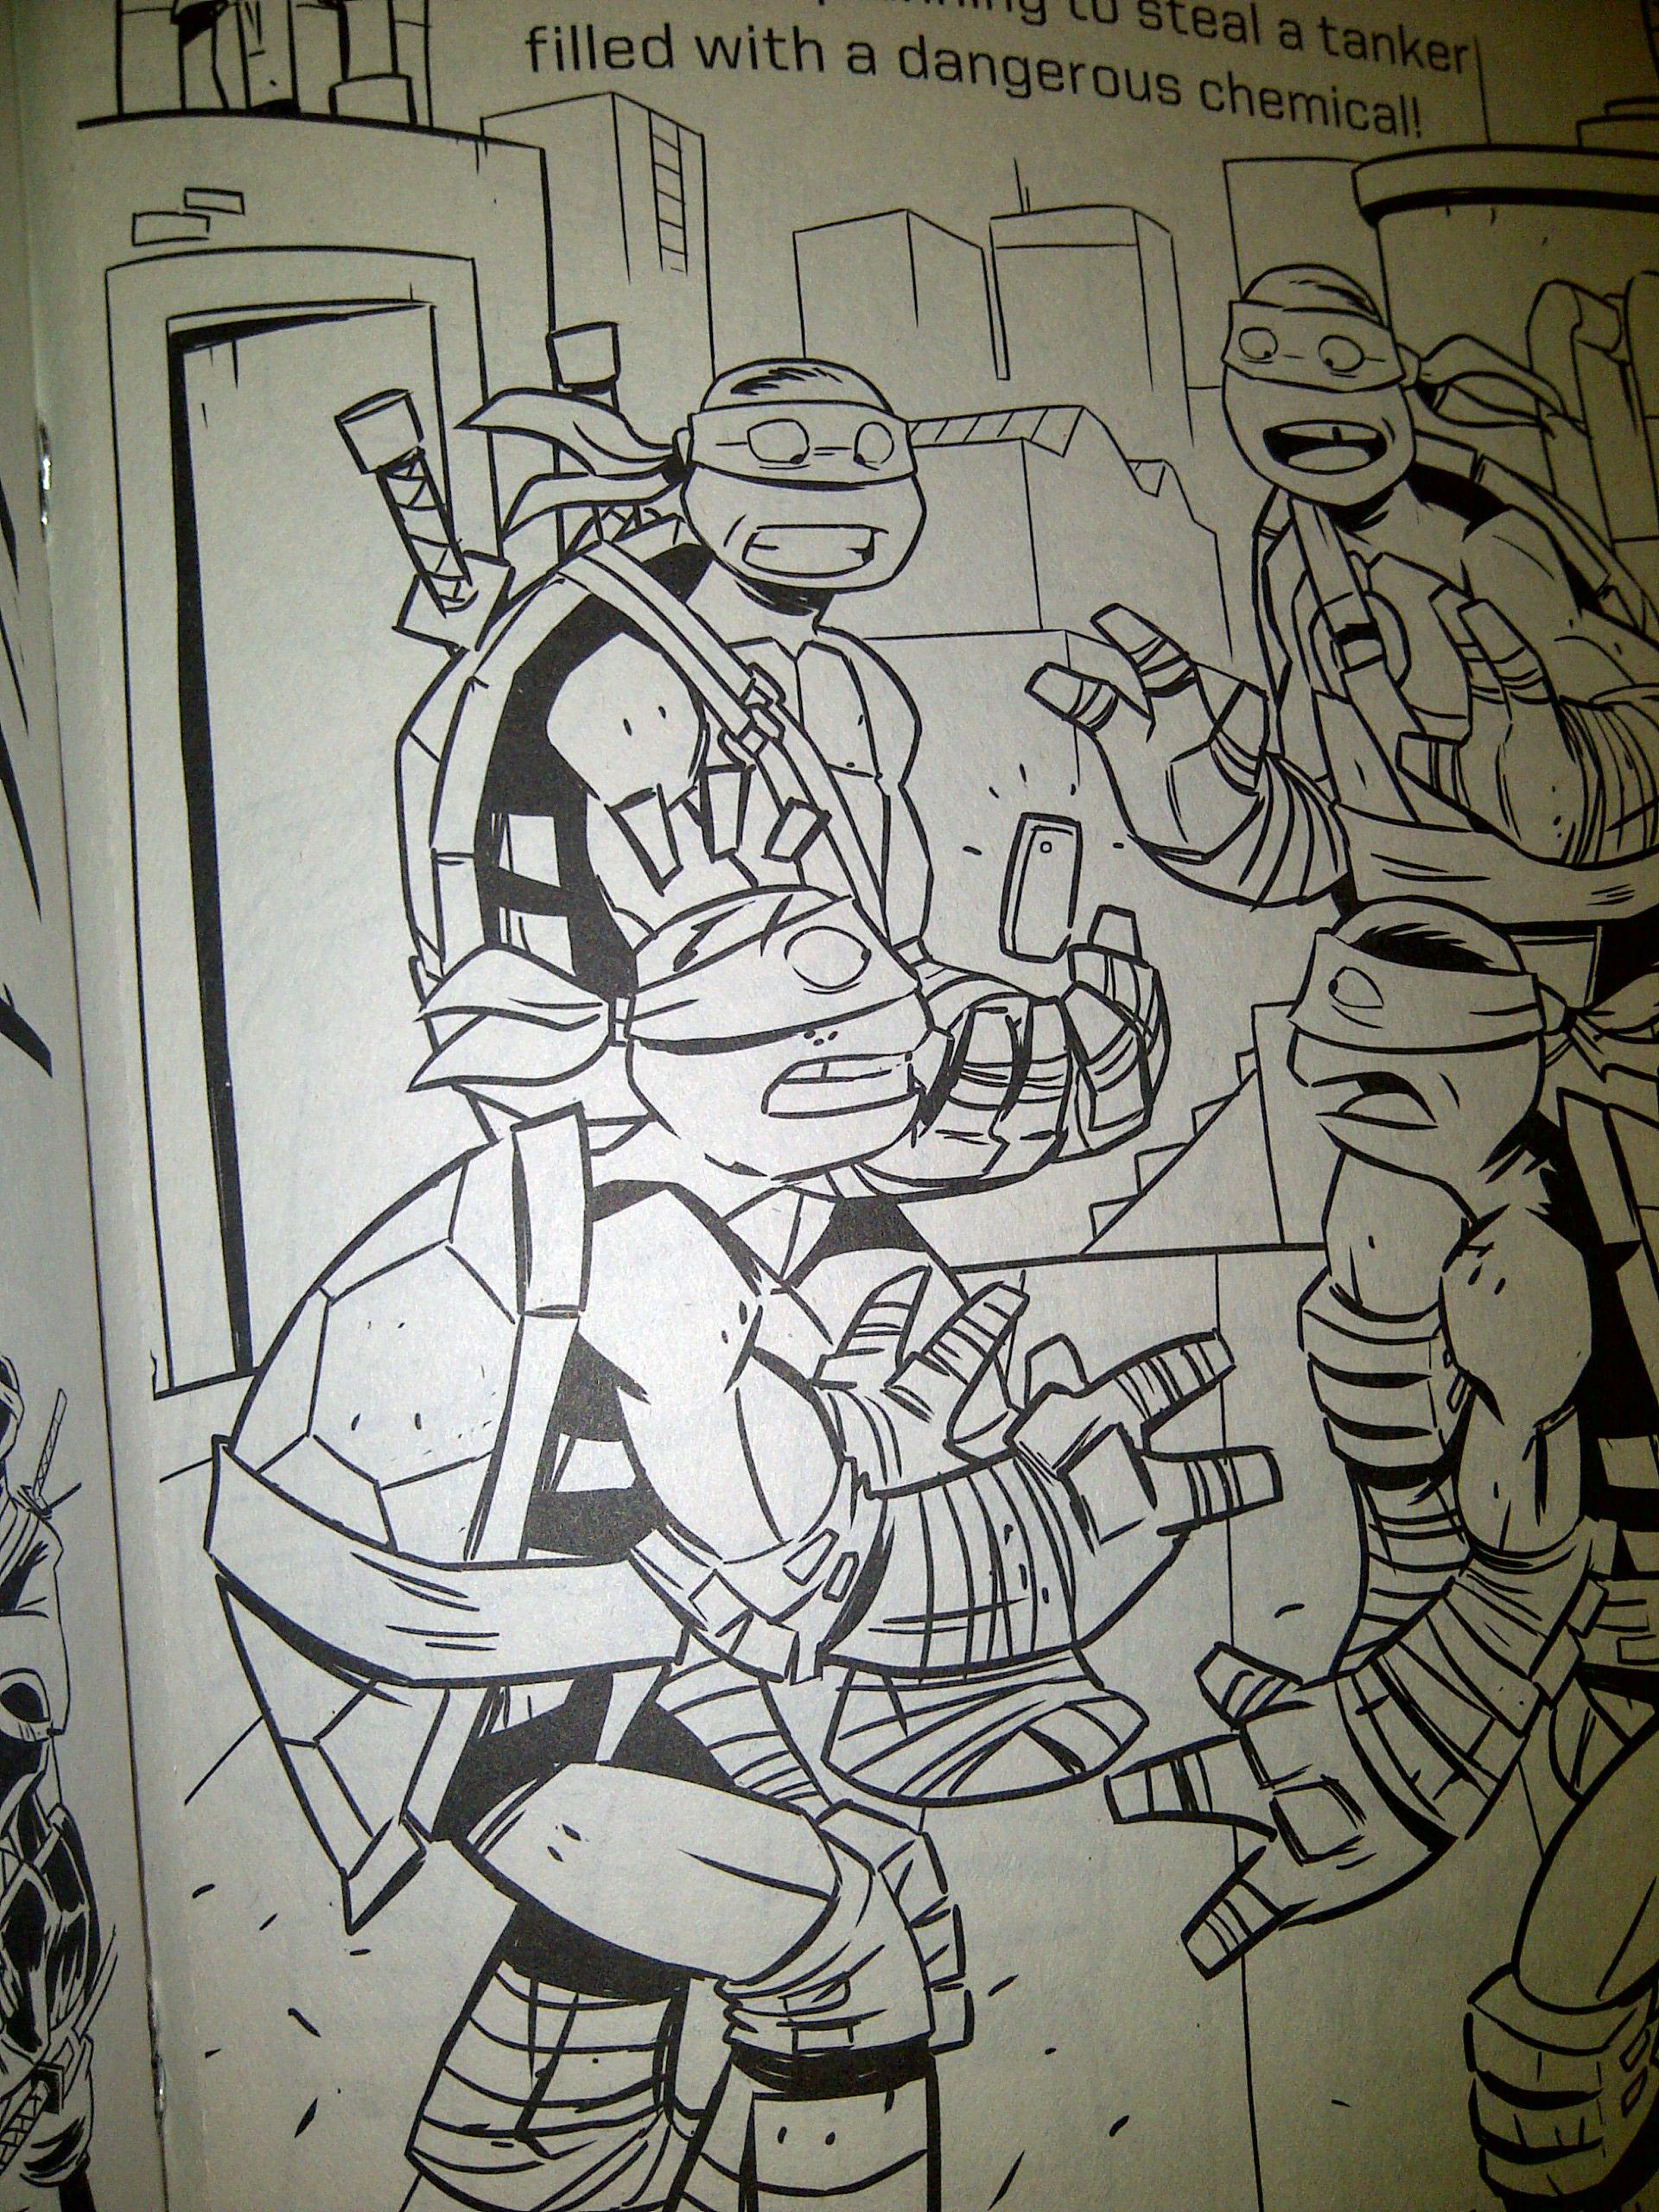 New Teenage Mutant Ninja Turtles Coloring Book in Stores